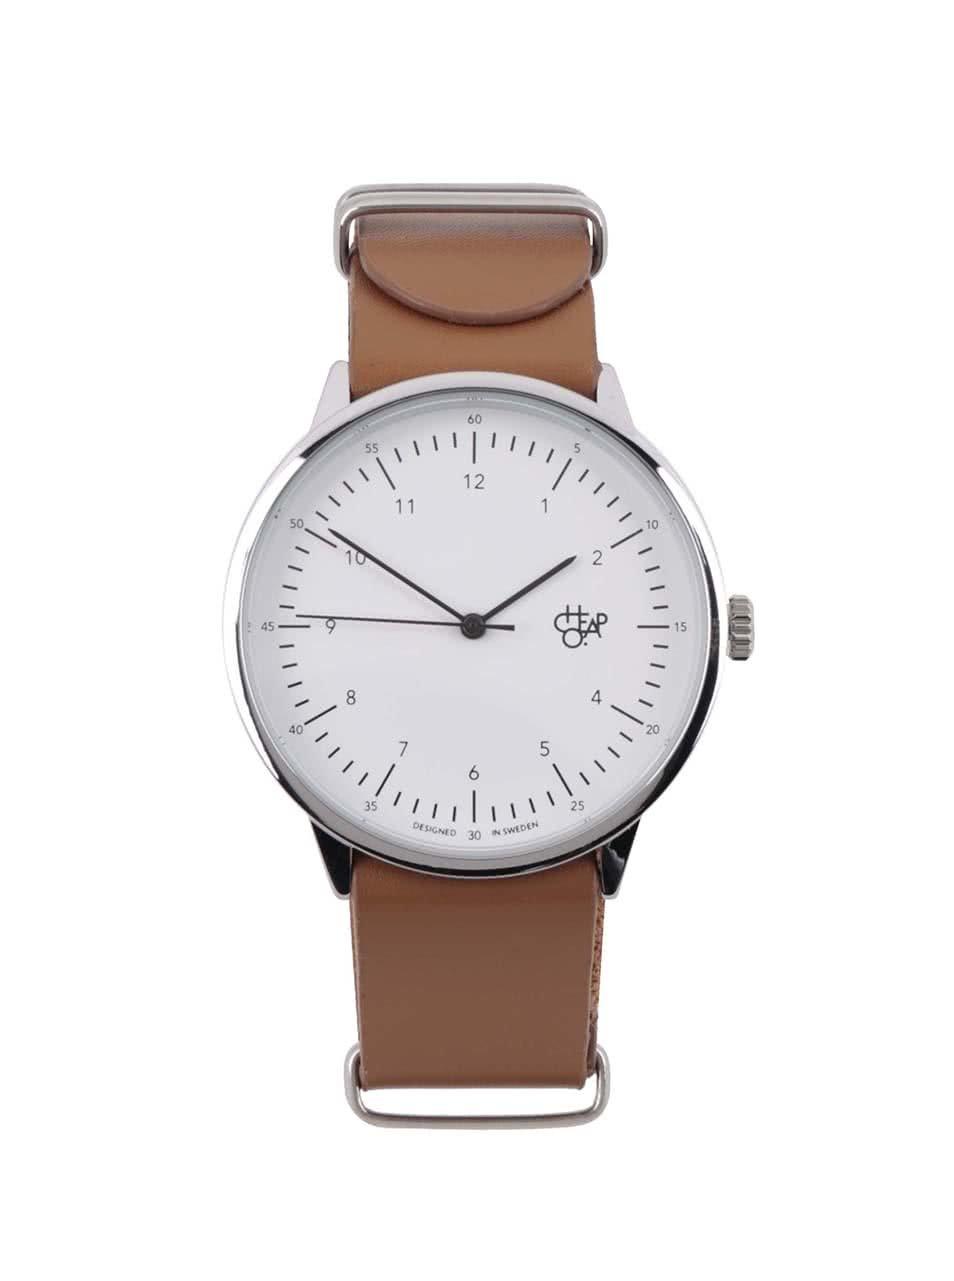 Unisex hodinky ve stříbrné barvě s hnědým koženým páskem Cheapo